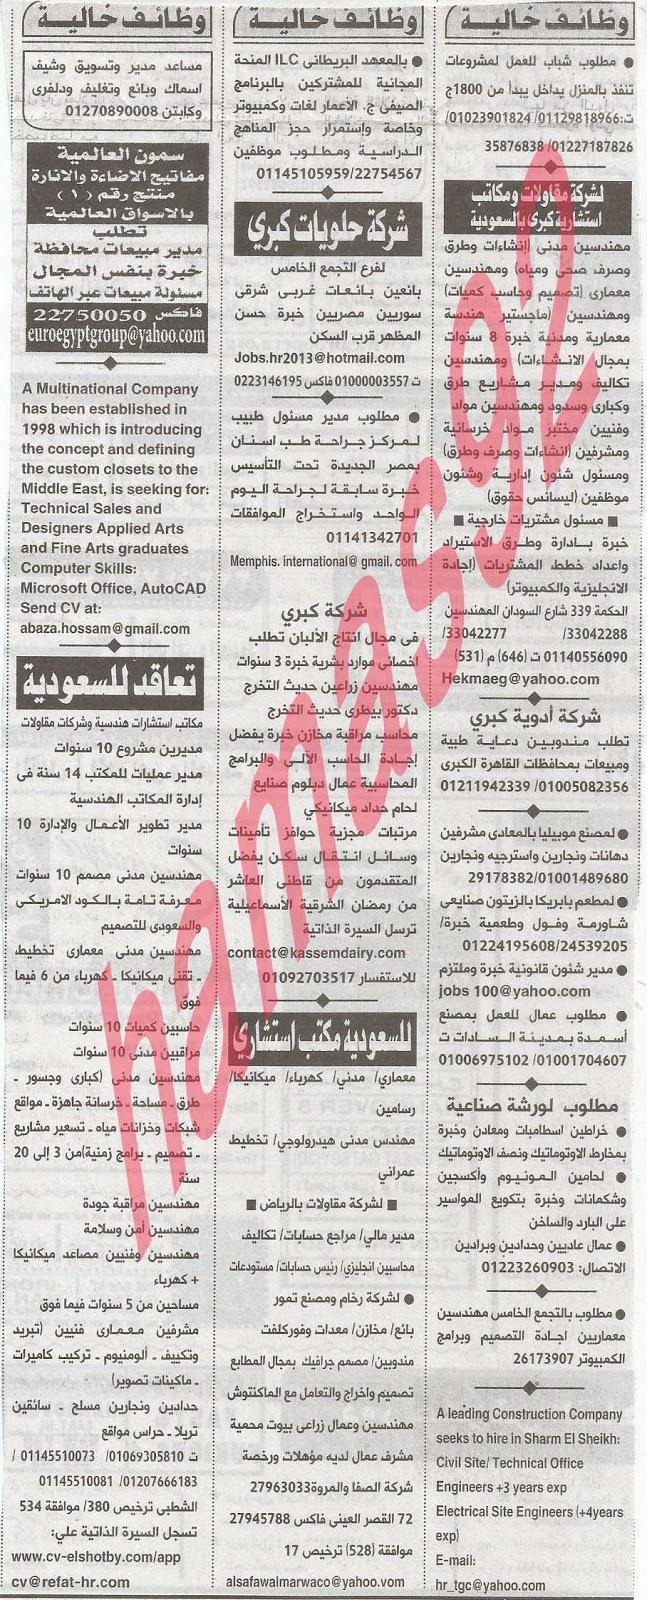 http://4.bp.blogspot.com/-5_k06YIqWmY/UbG-L4AgKwI/AAAAAAAA4i0/SpwtkVovfUQ/s1600/3.jpg